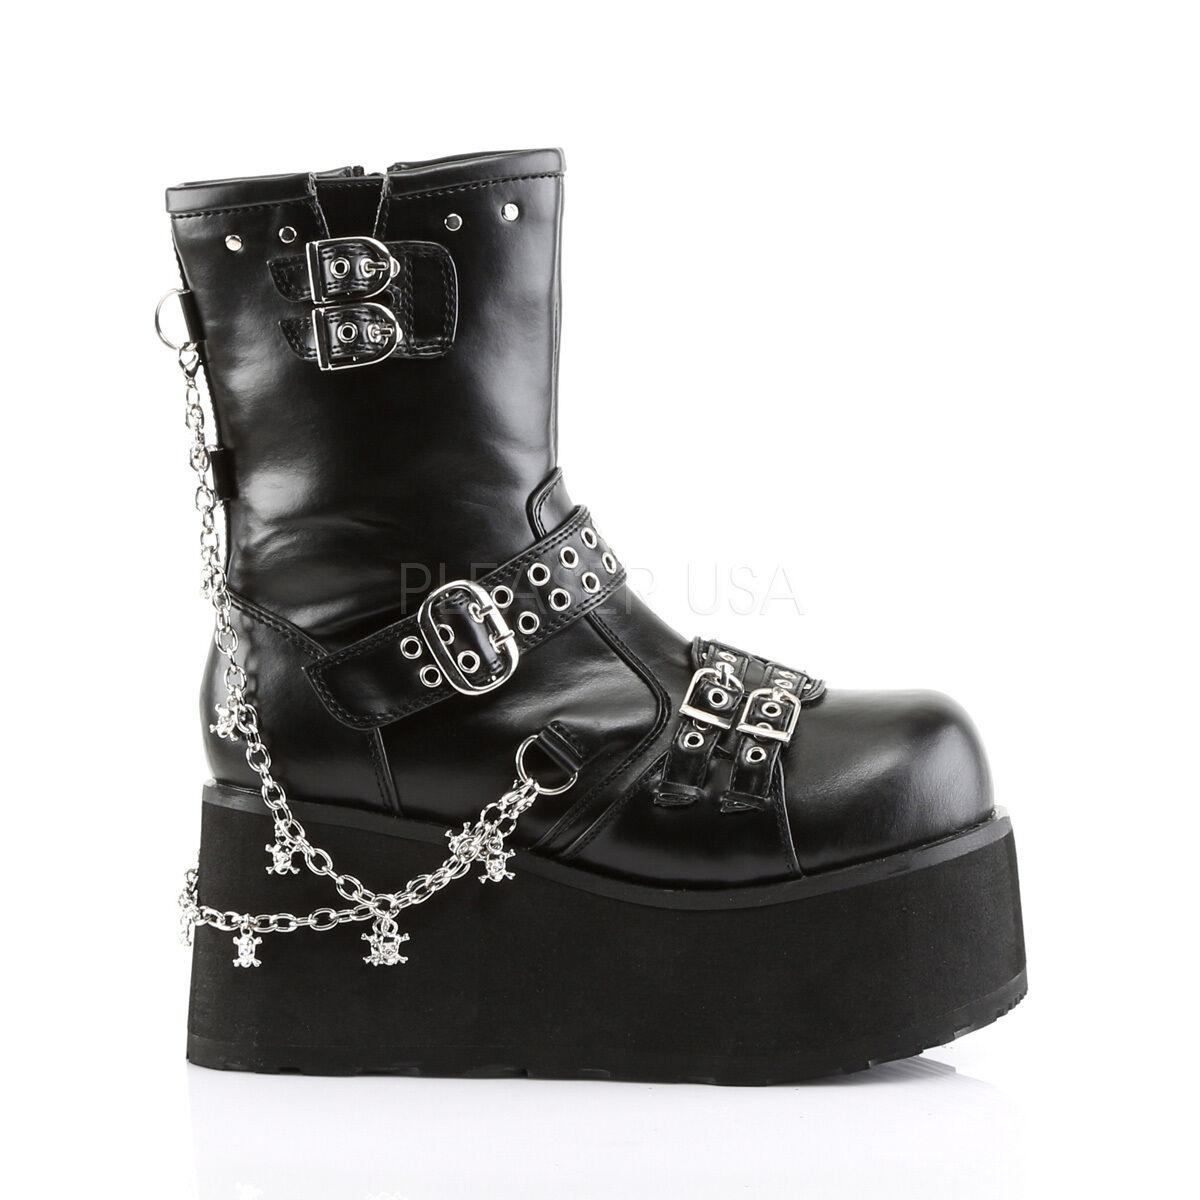 Demonia 3.5  plataforma Vegano Vegano plataforma Cadenas & Hebillas Negro botas al Tobillo Punk Goth 6-12 12e2b1